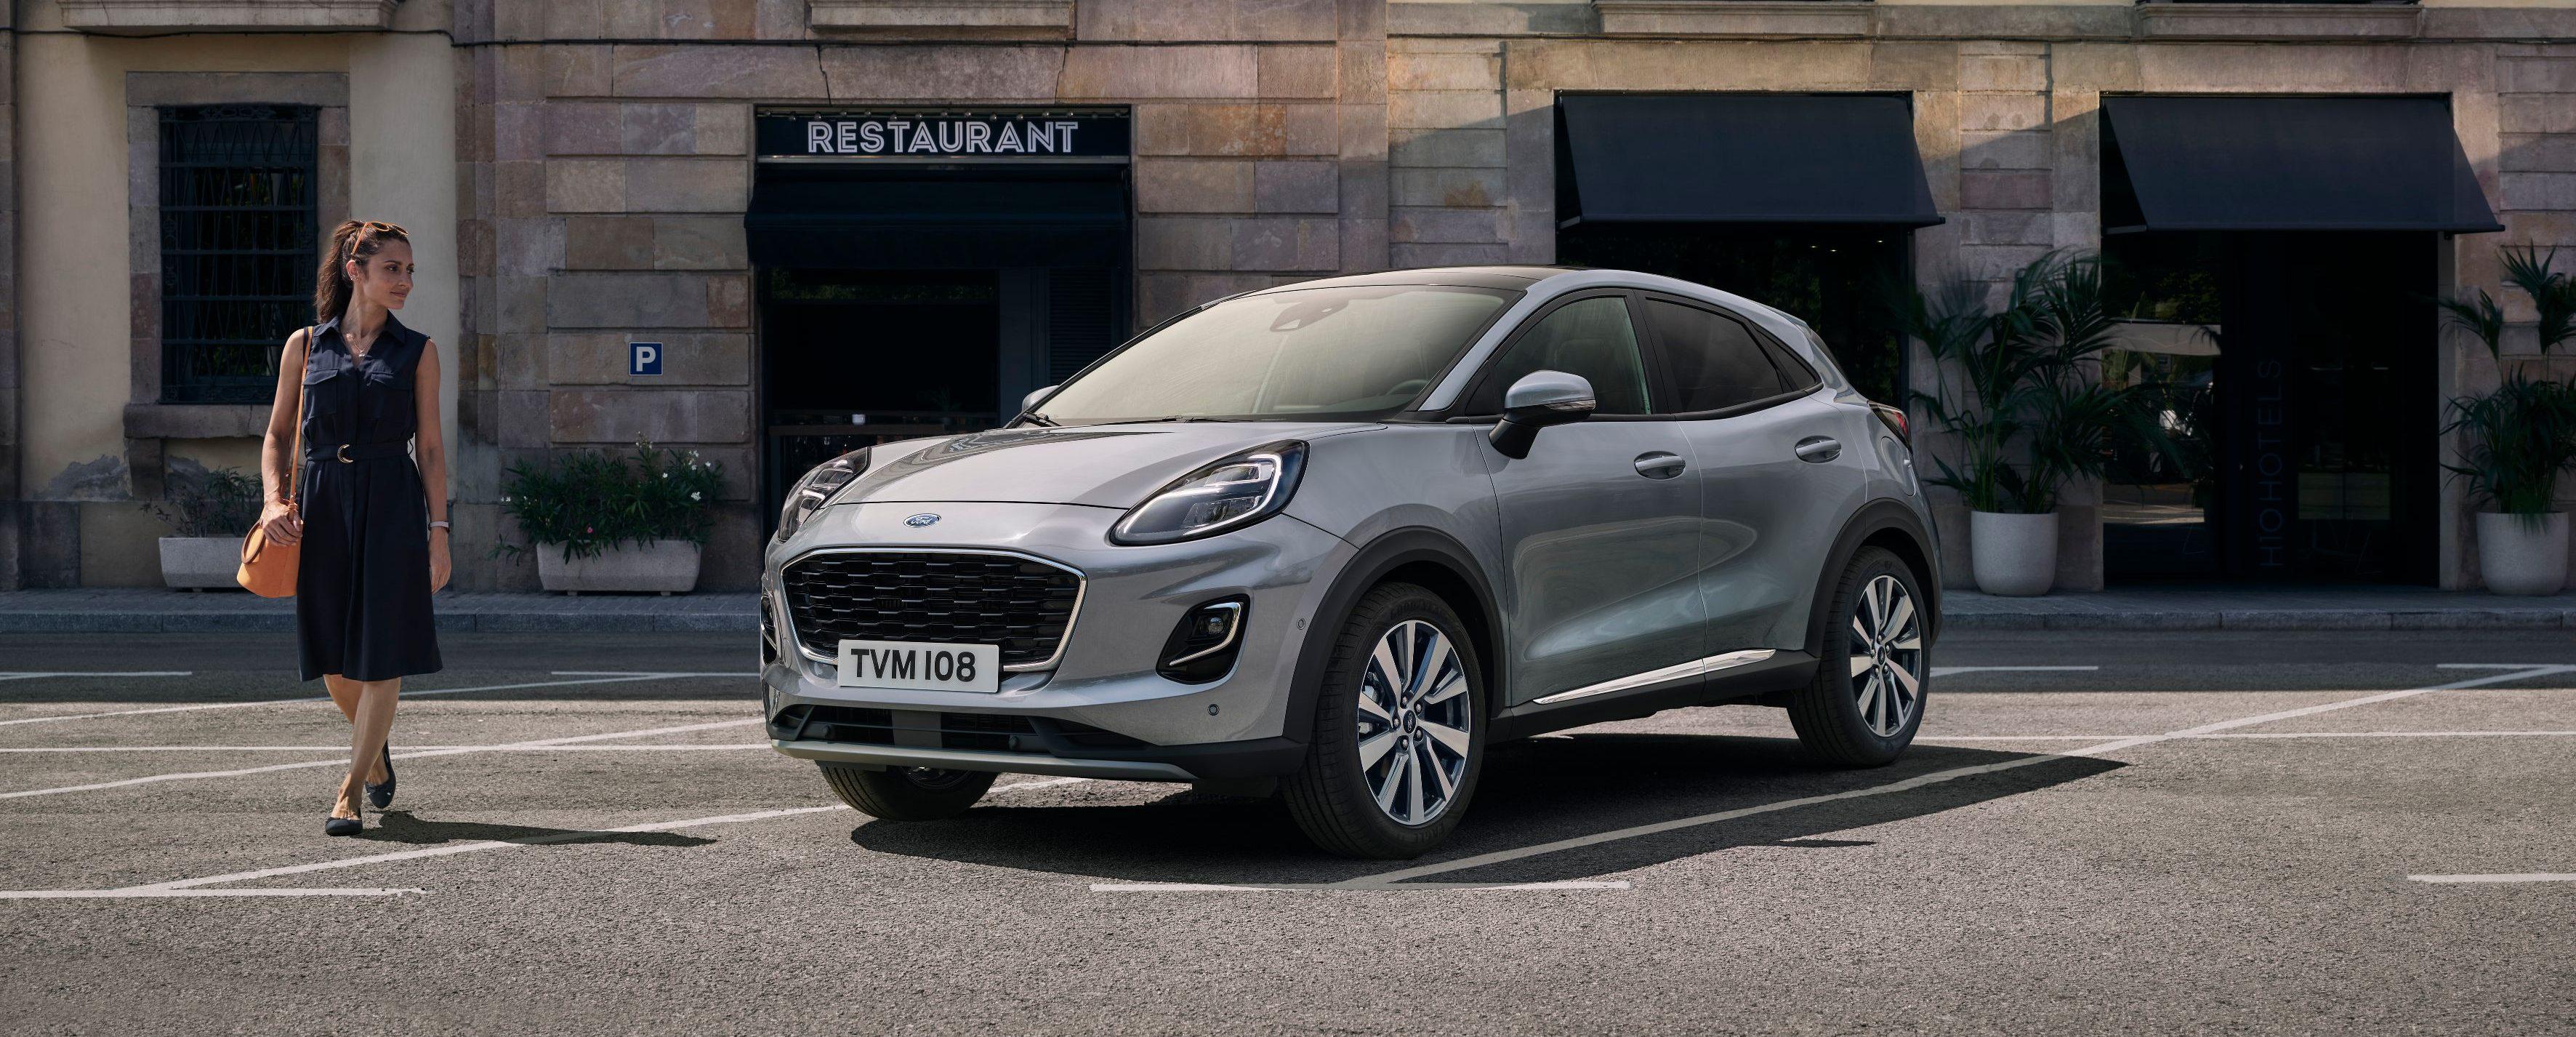 Fordova nova paleta elektrificiranih vozil do leta 2022